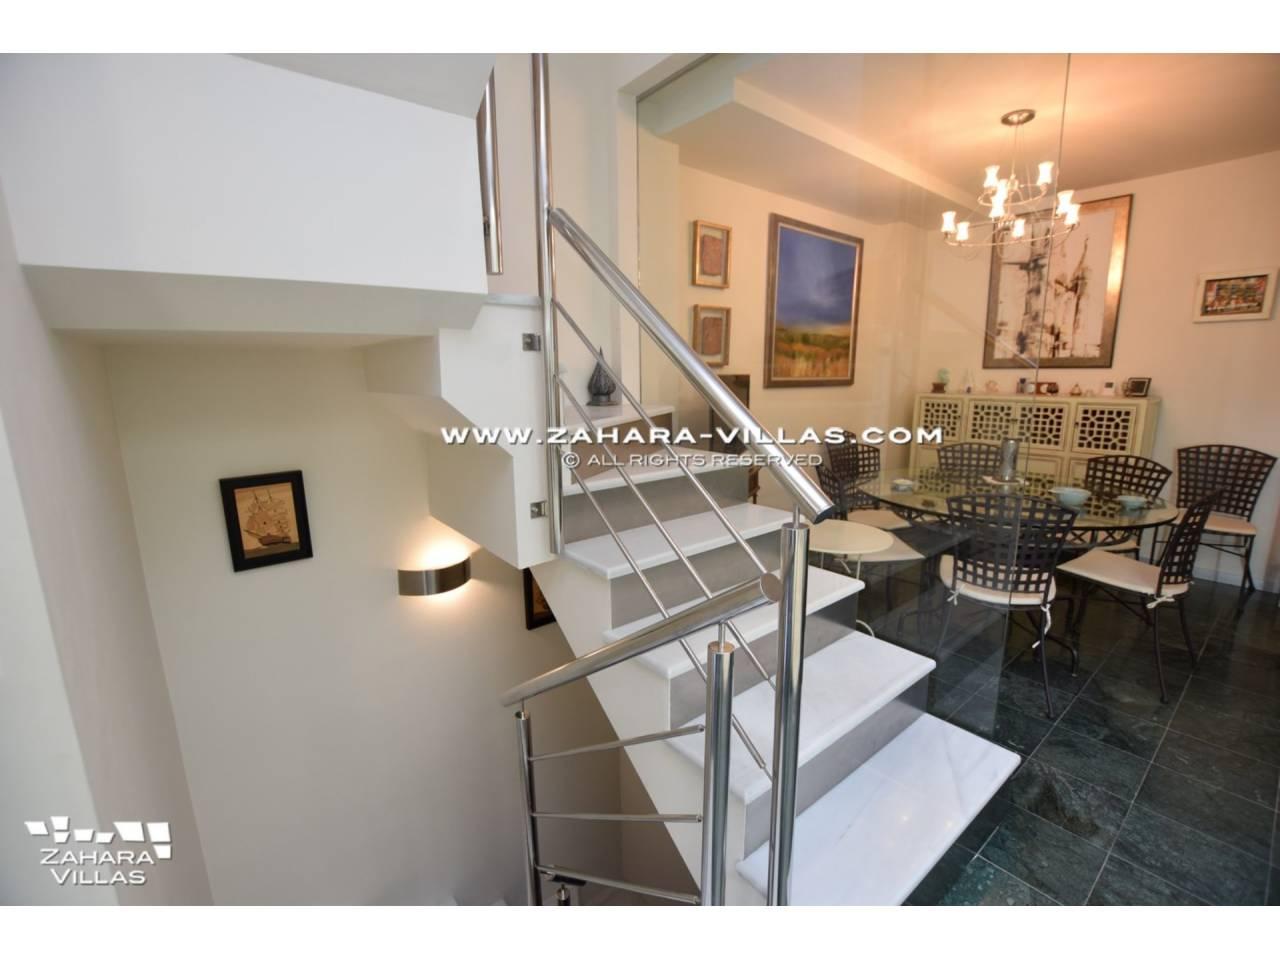 Imagen 31 de House for sale in Zahara de los Atunes